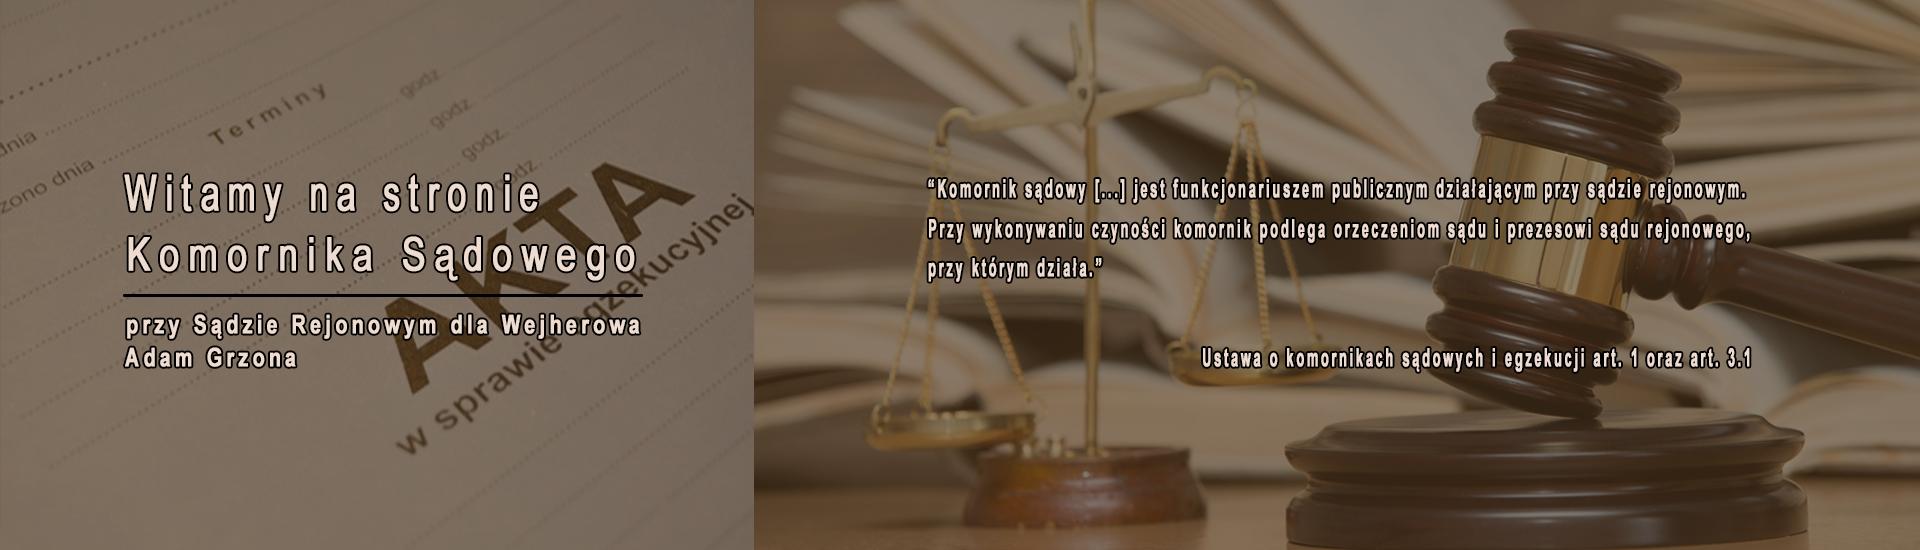 Komornik Sądowy przy Sądzie Rejonowym dla Wejherowo - w Wejherowie